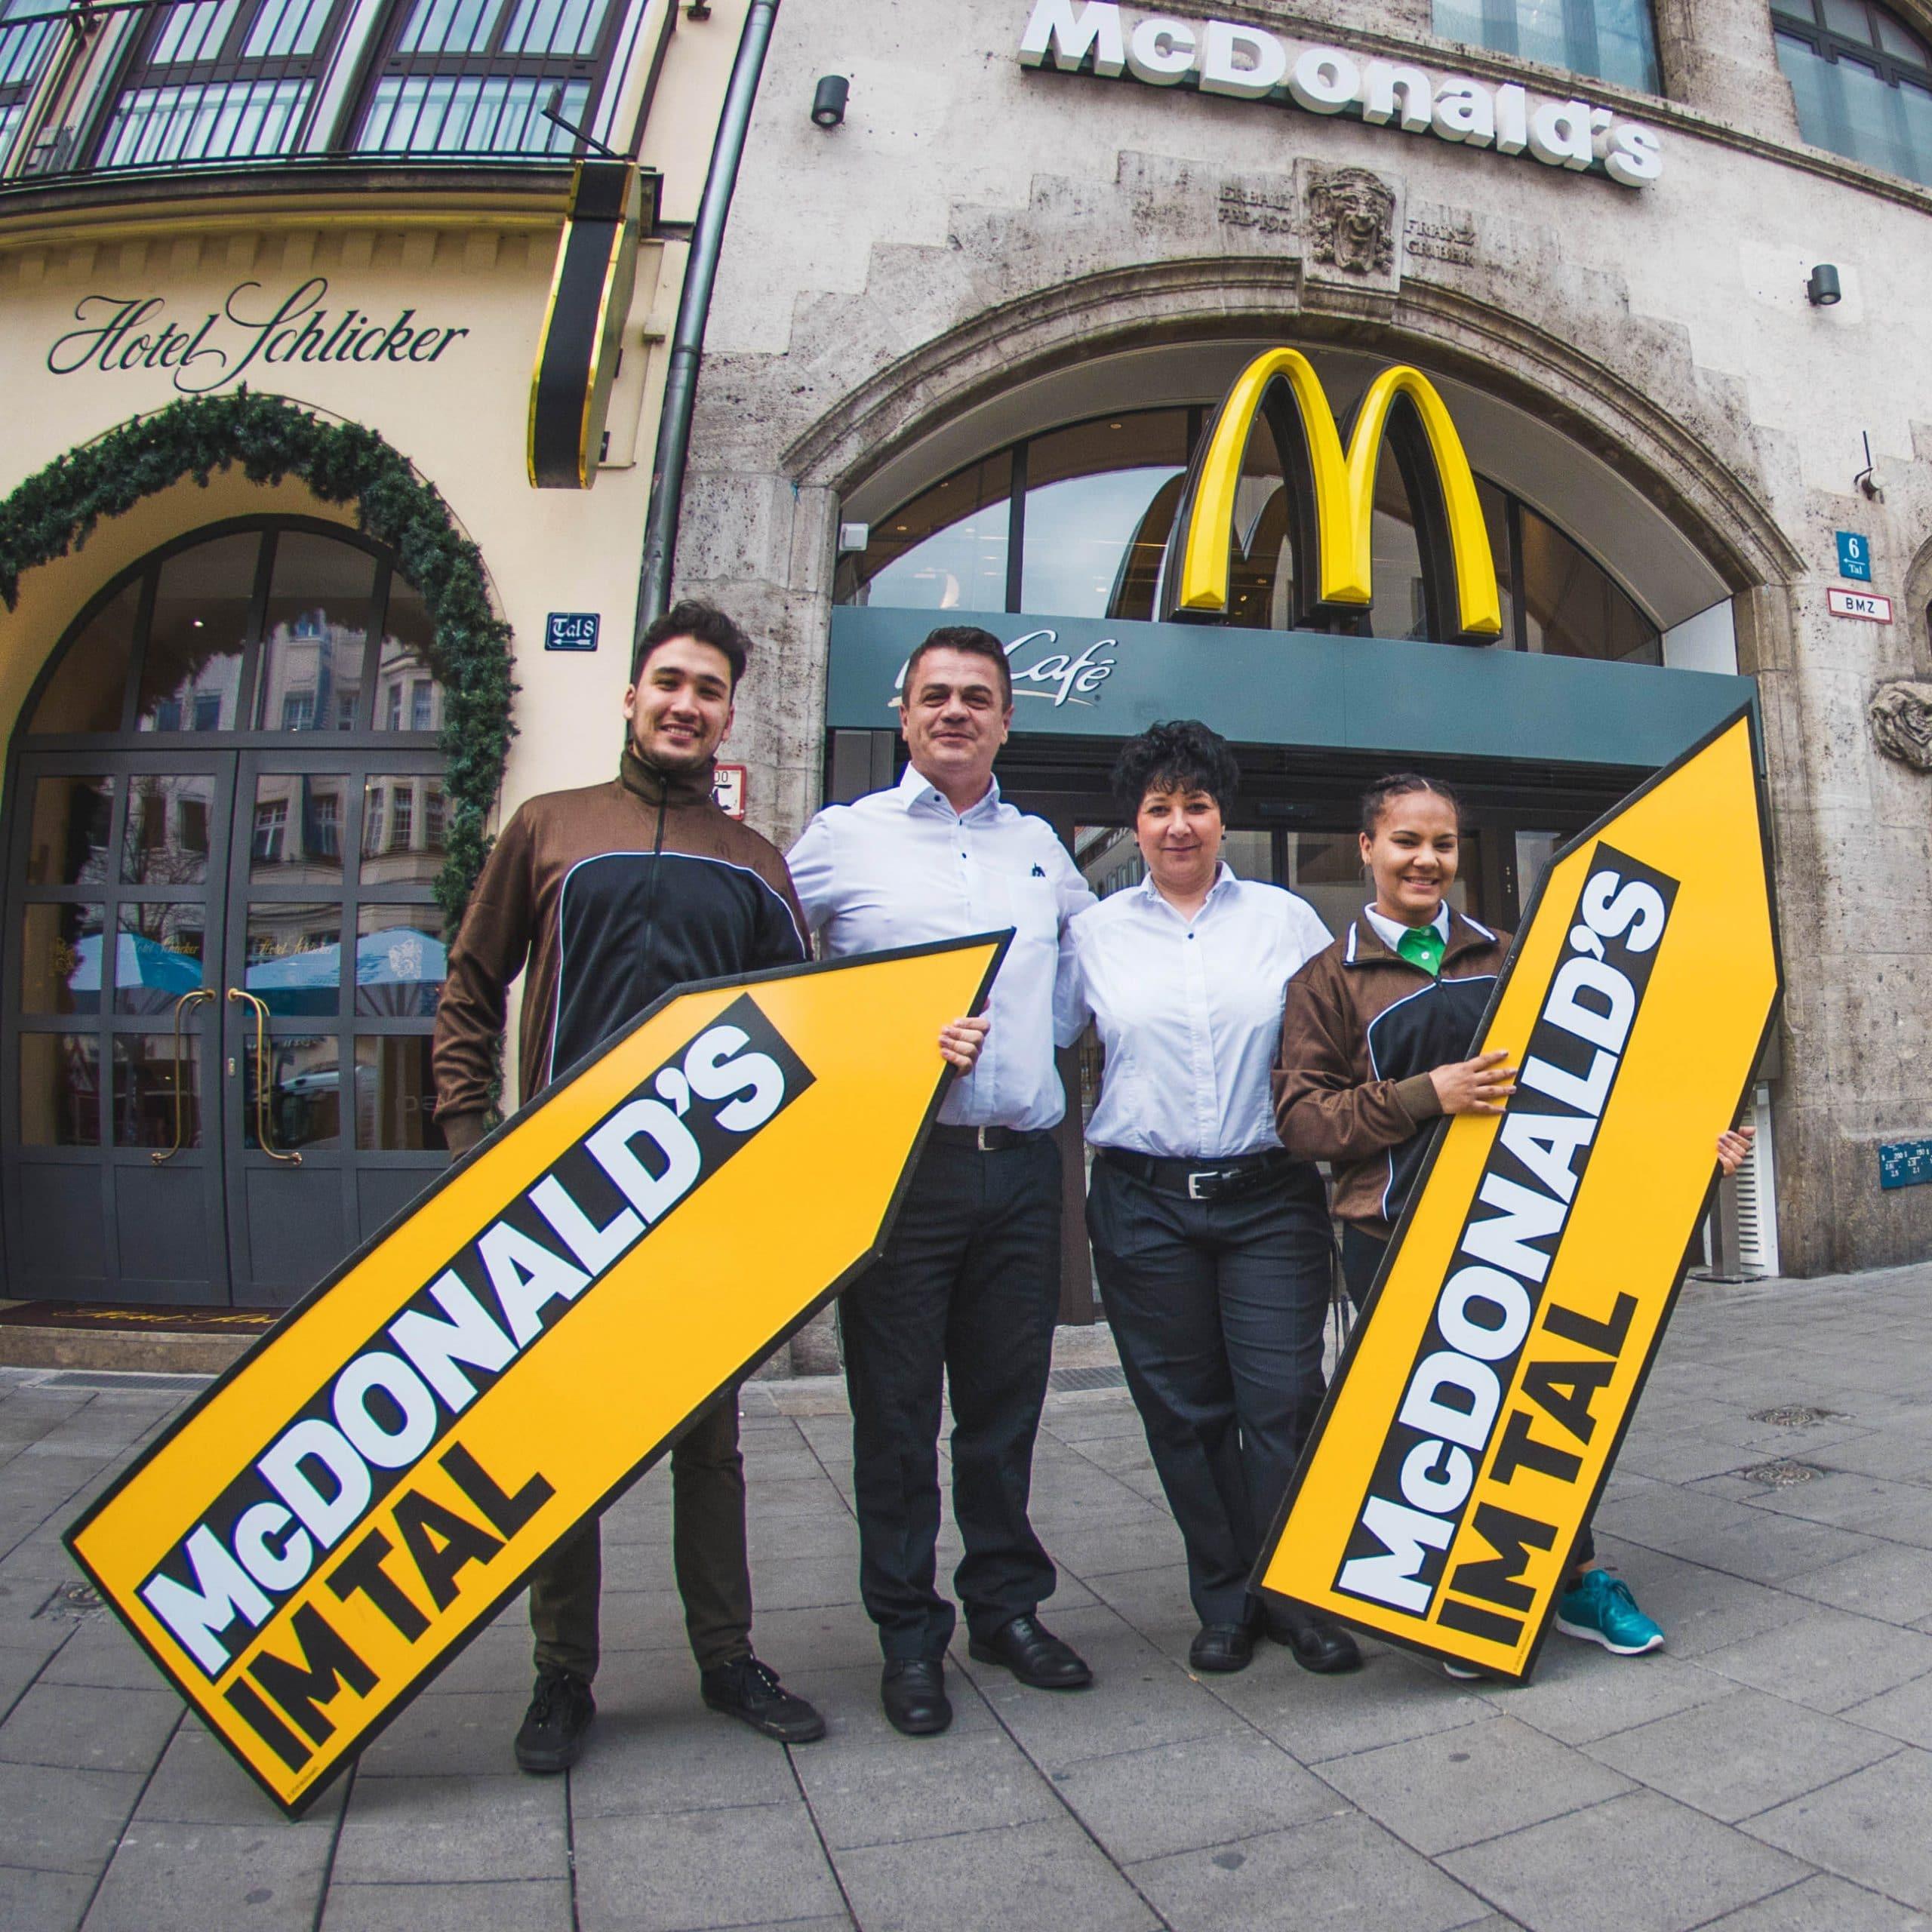 Promotion Eröffnungsmarketing für Jumpers Fitness in Deutschland